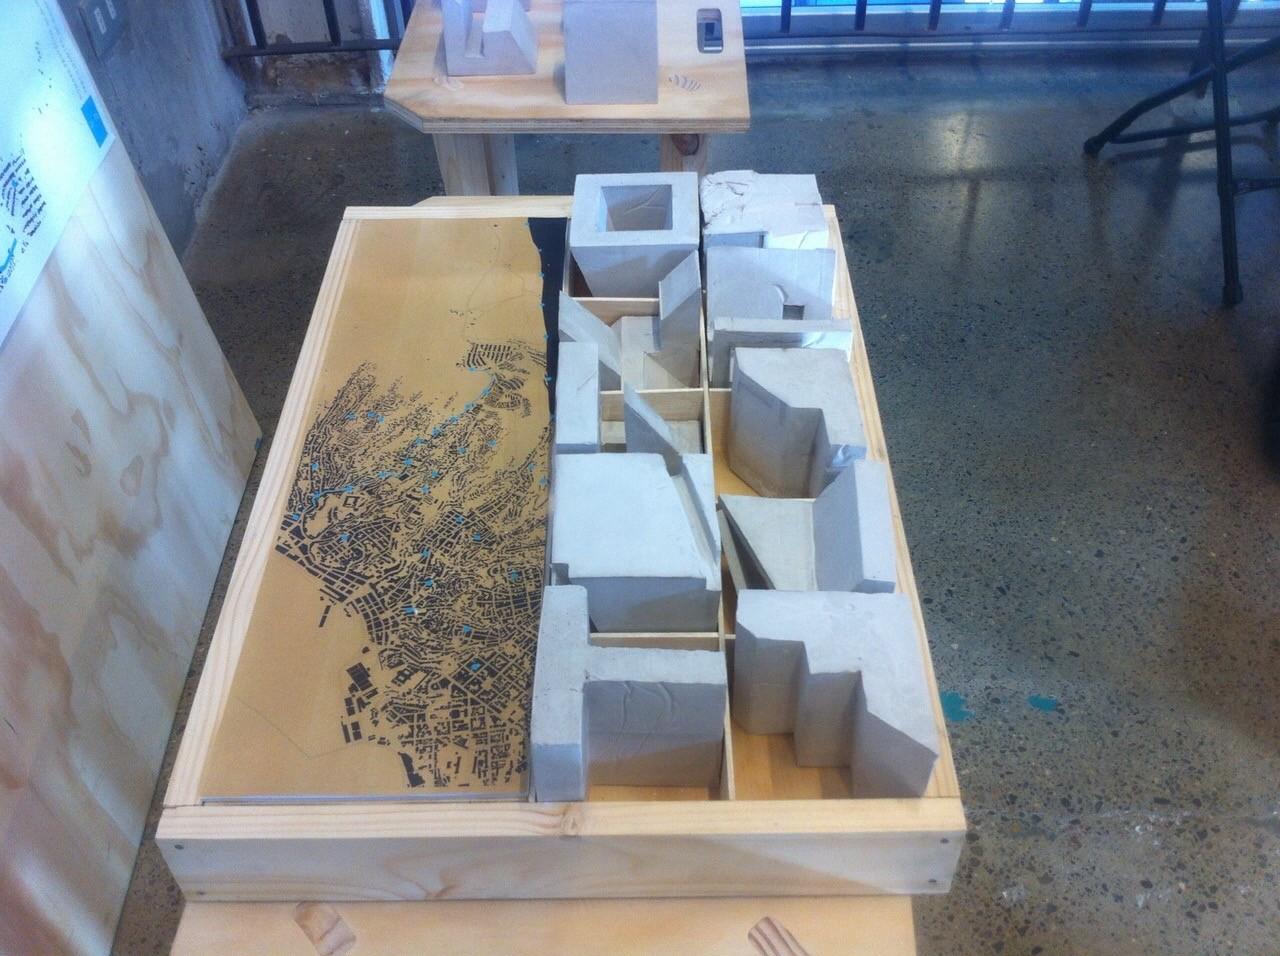 Premio Metodología UMayor Santiago: Maqueta. Image Cortesia de Equipo XIX Bienal